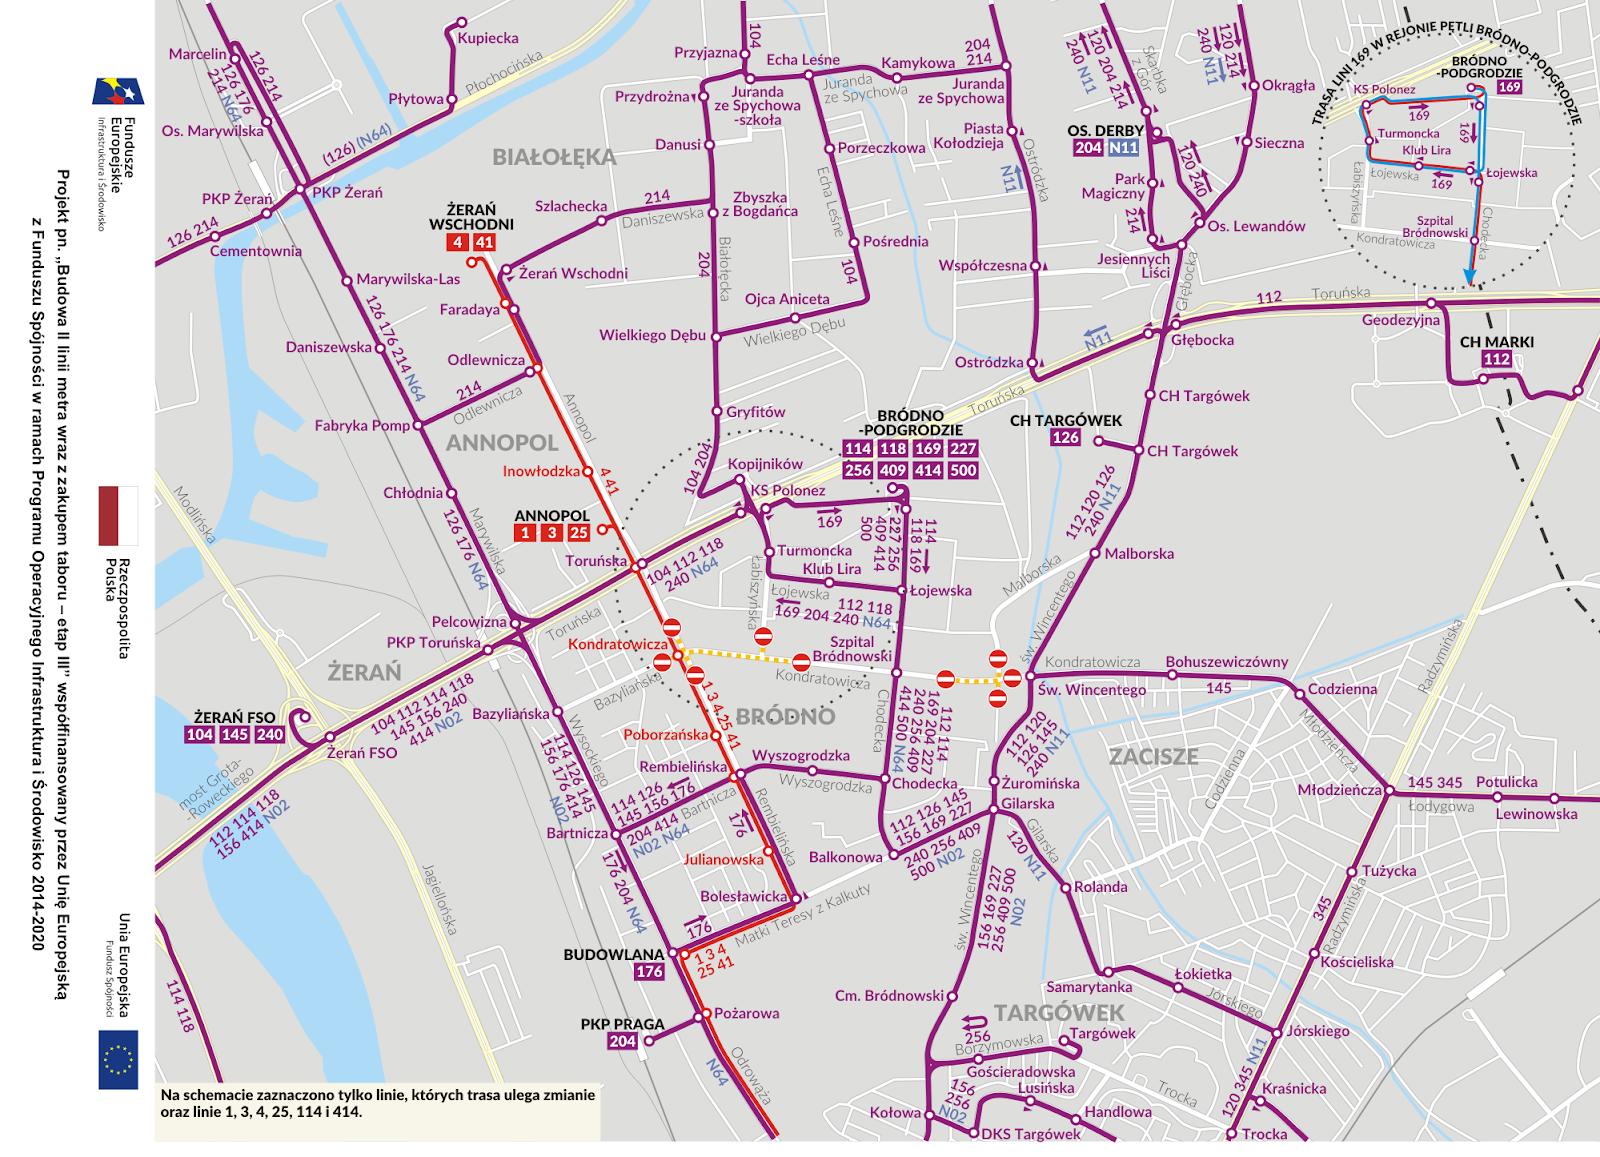 Zmiany w trasach komunikacji miejskiej po rozpoczęciu budowy stacji II linii metra na Bródnie